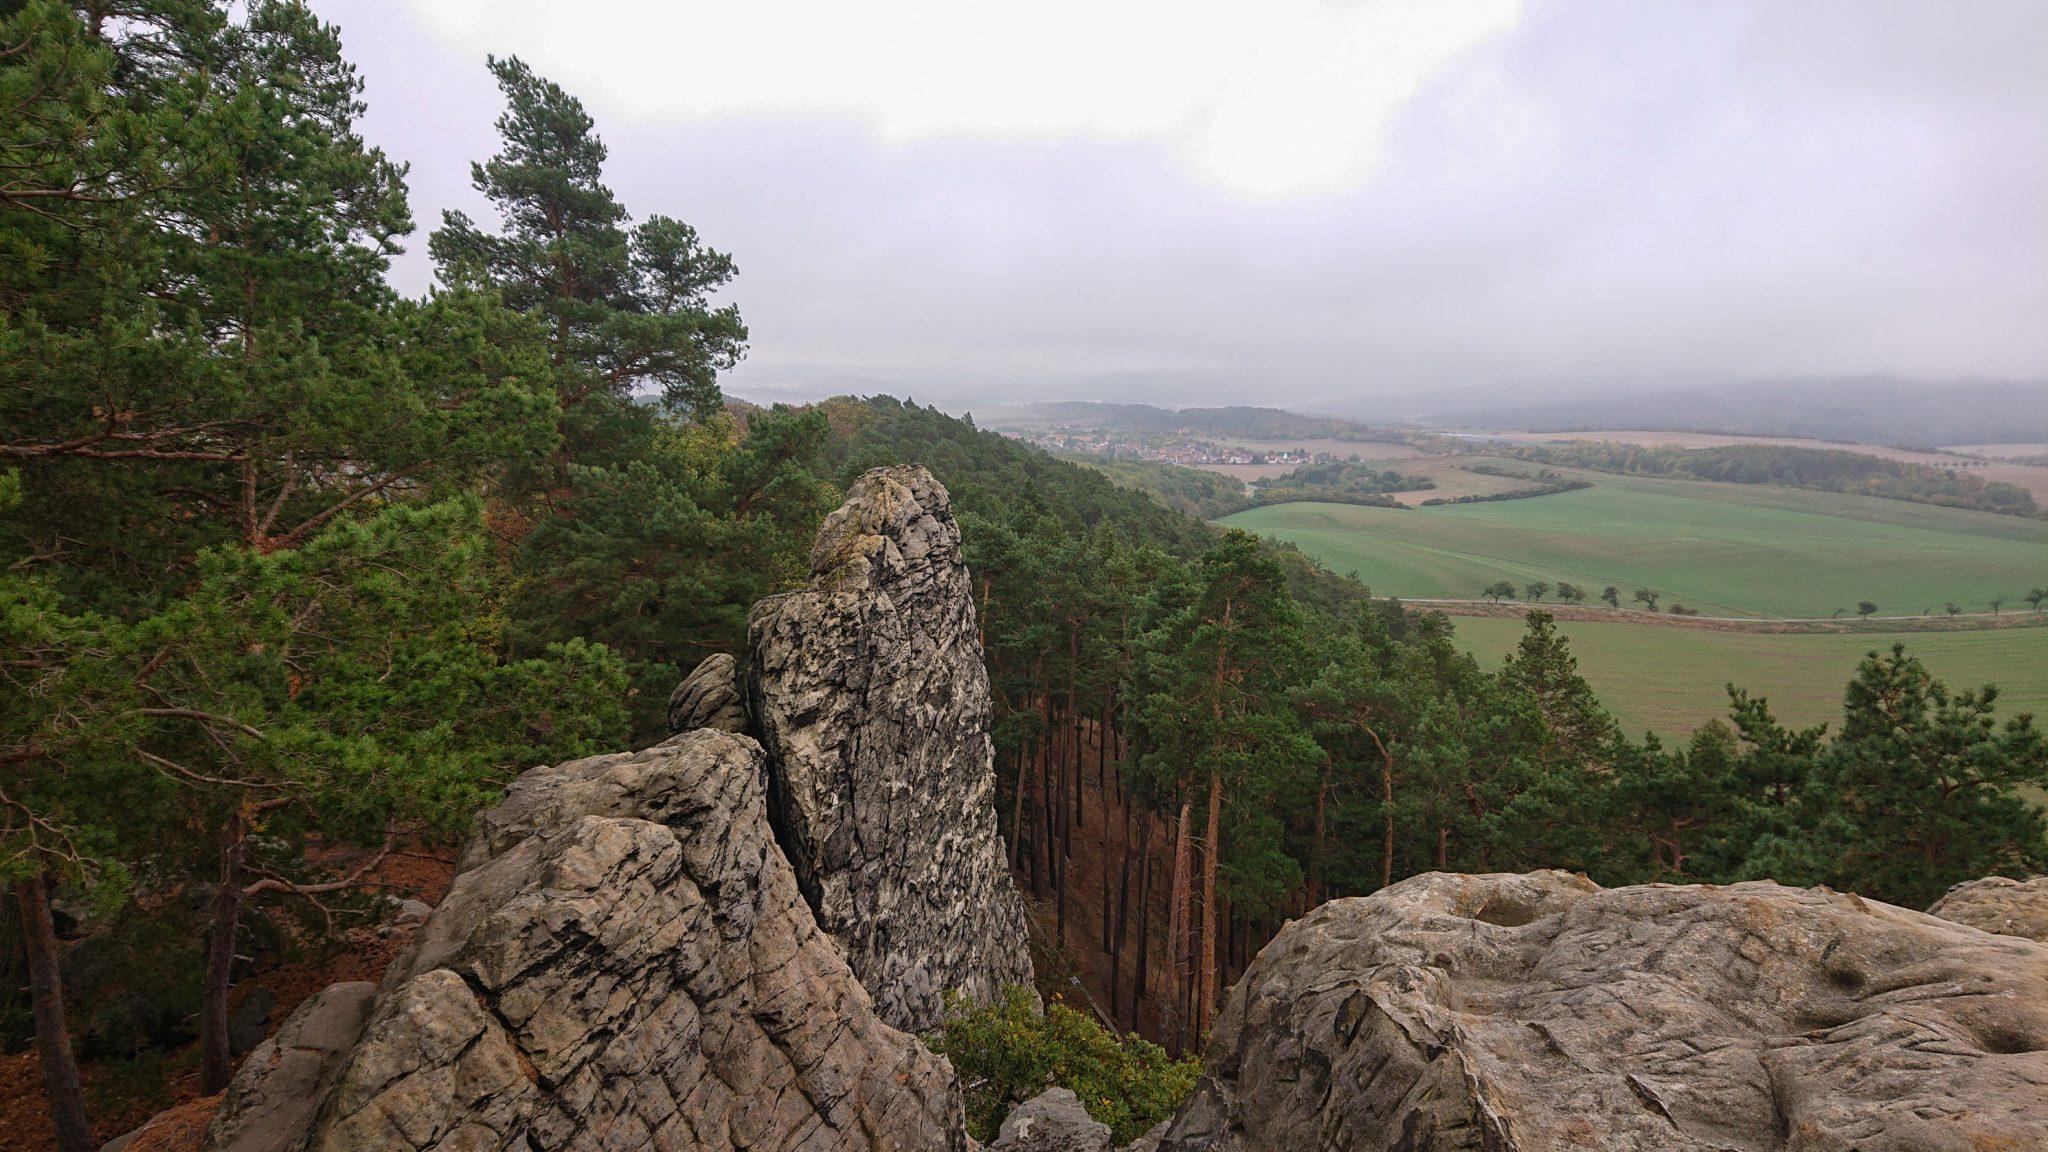 Rundwanderung auf der Blankenburger Teufelsmauer, Felsformation und Aussicht auf  umliegende Landschaft und angrenzenden Wald